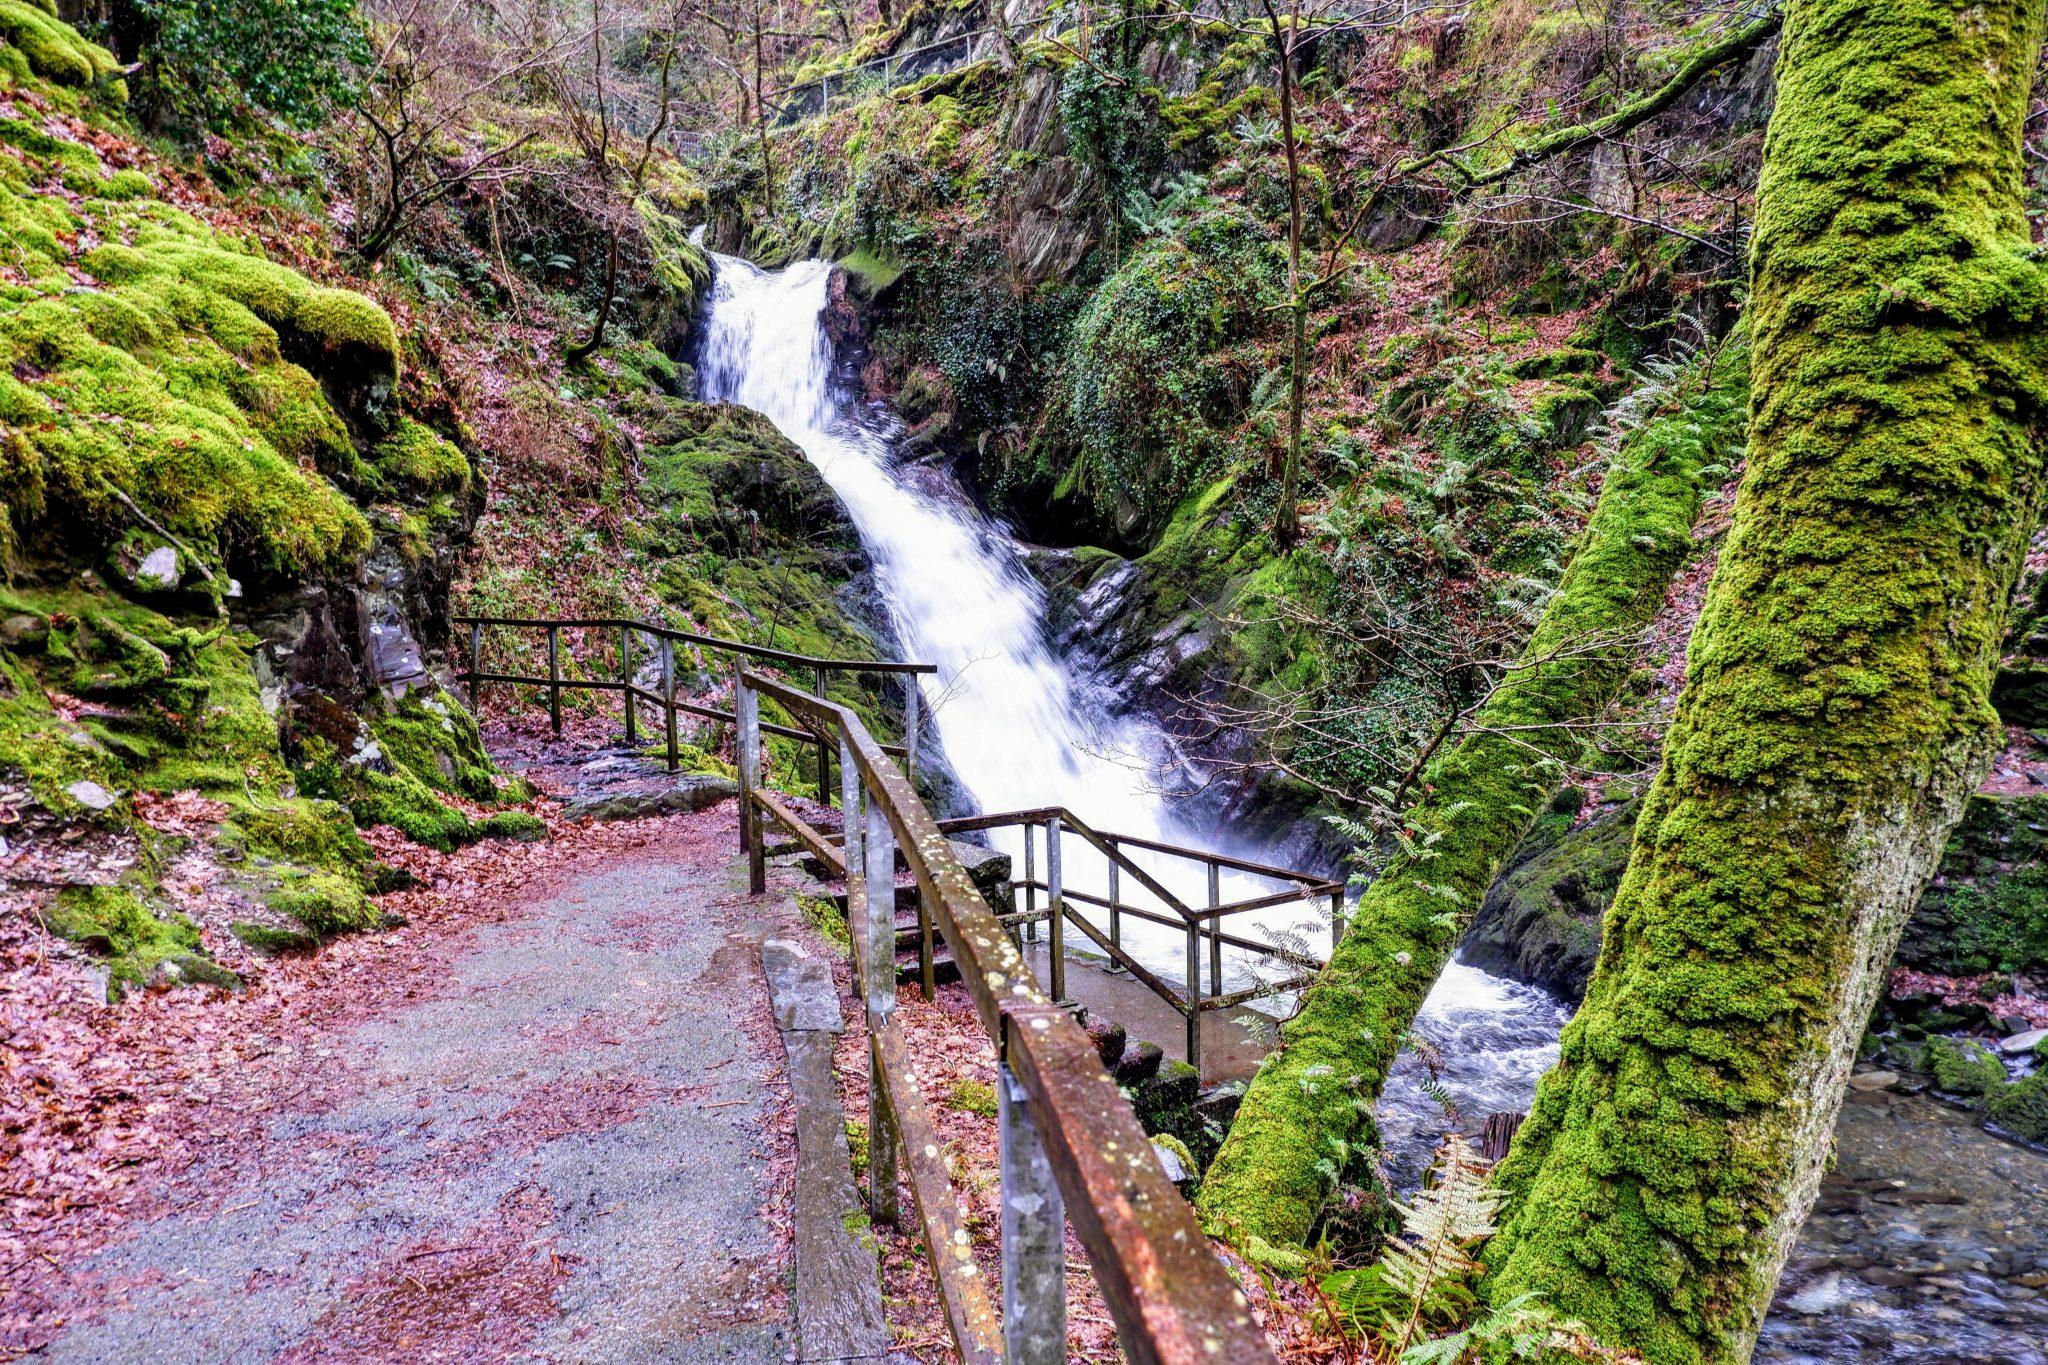 Dolgoch Waterfalls, Bryncrug, Wales